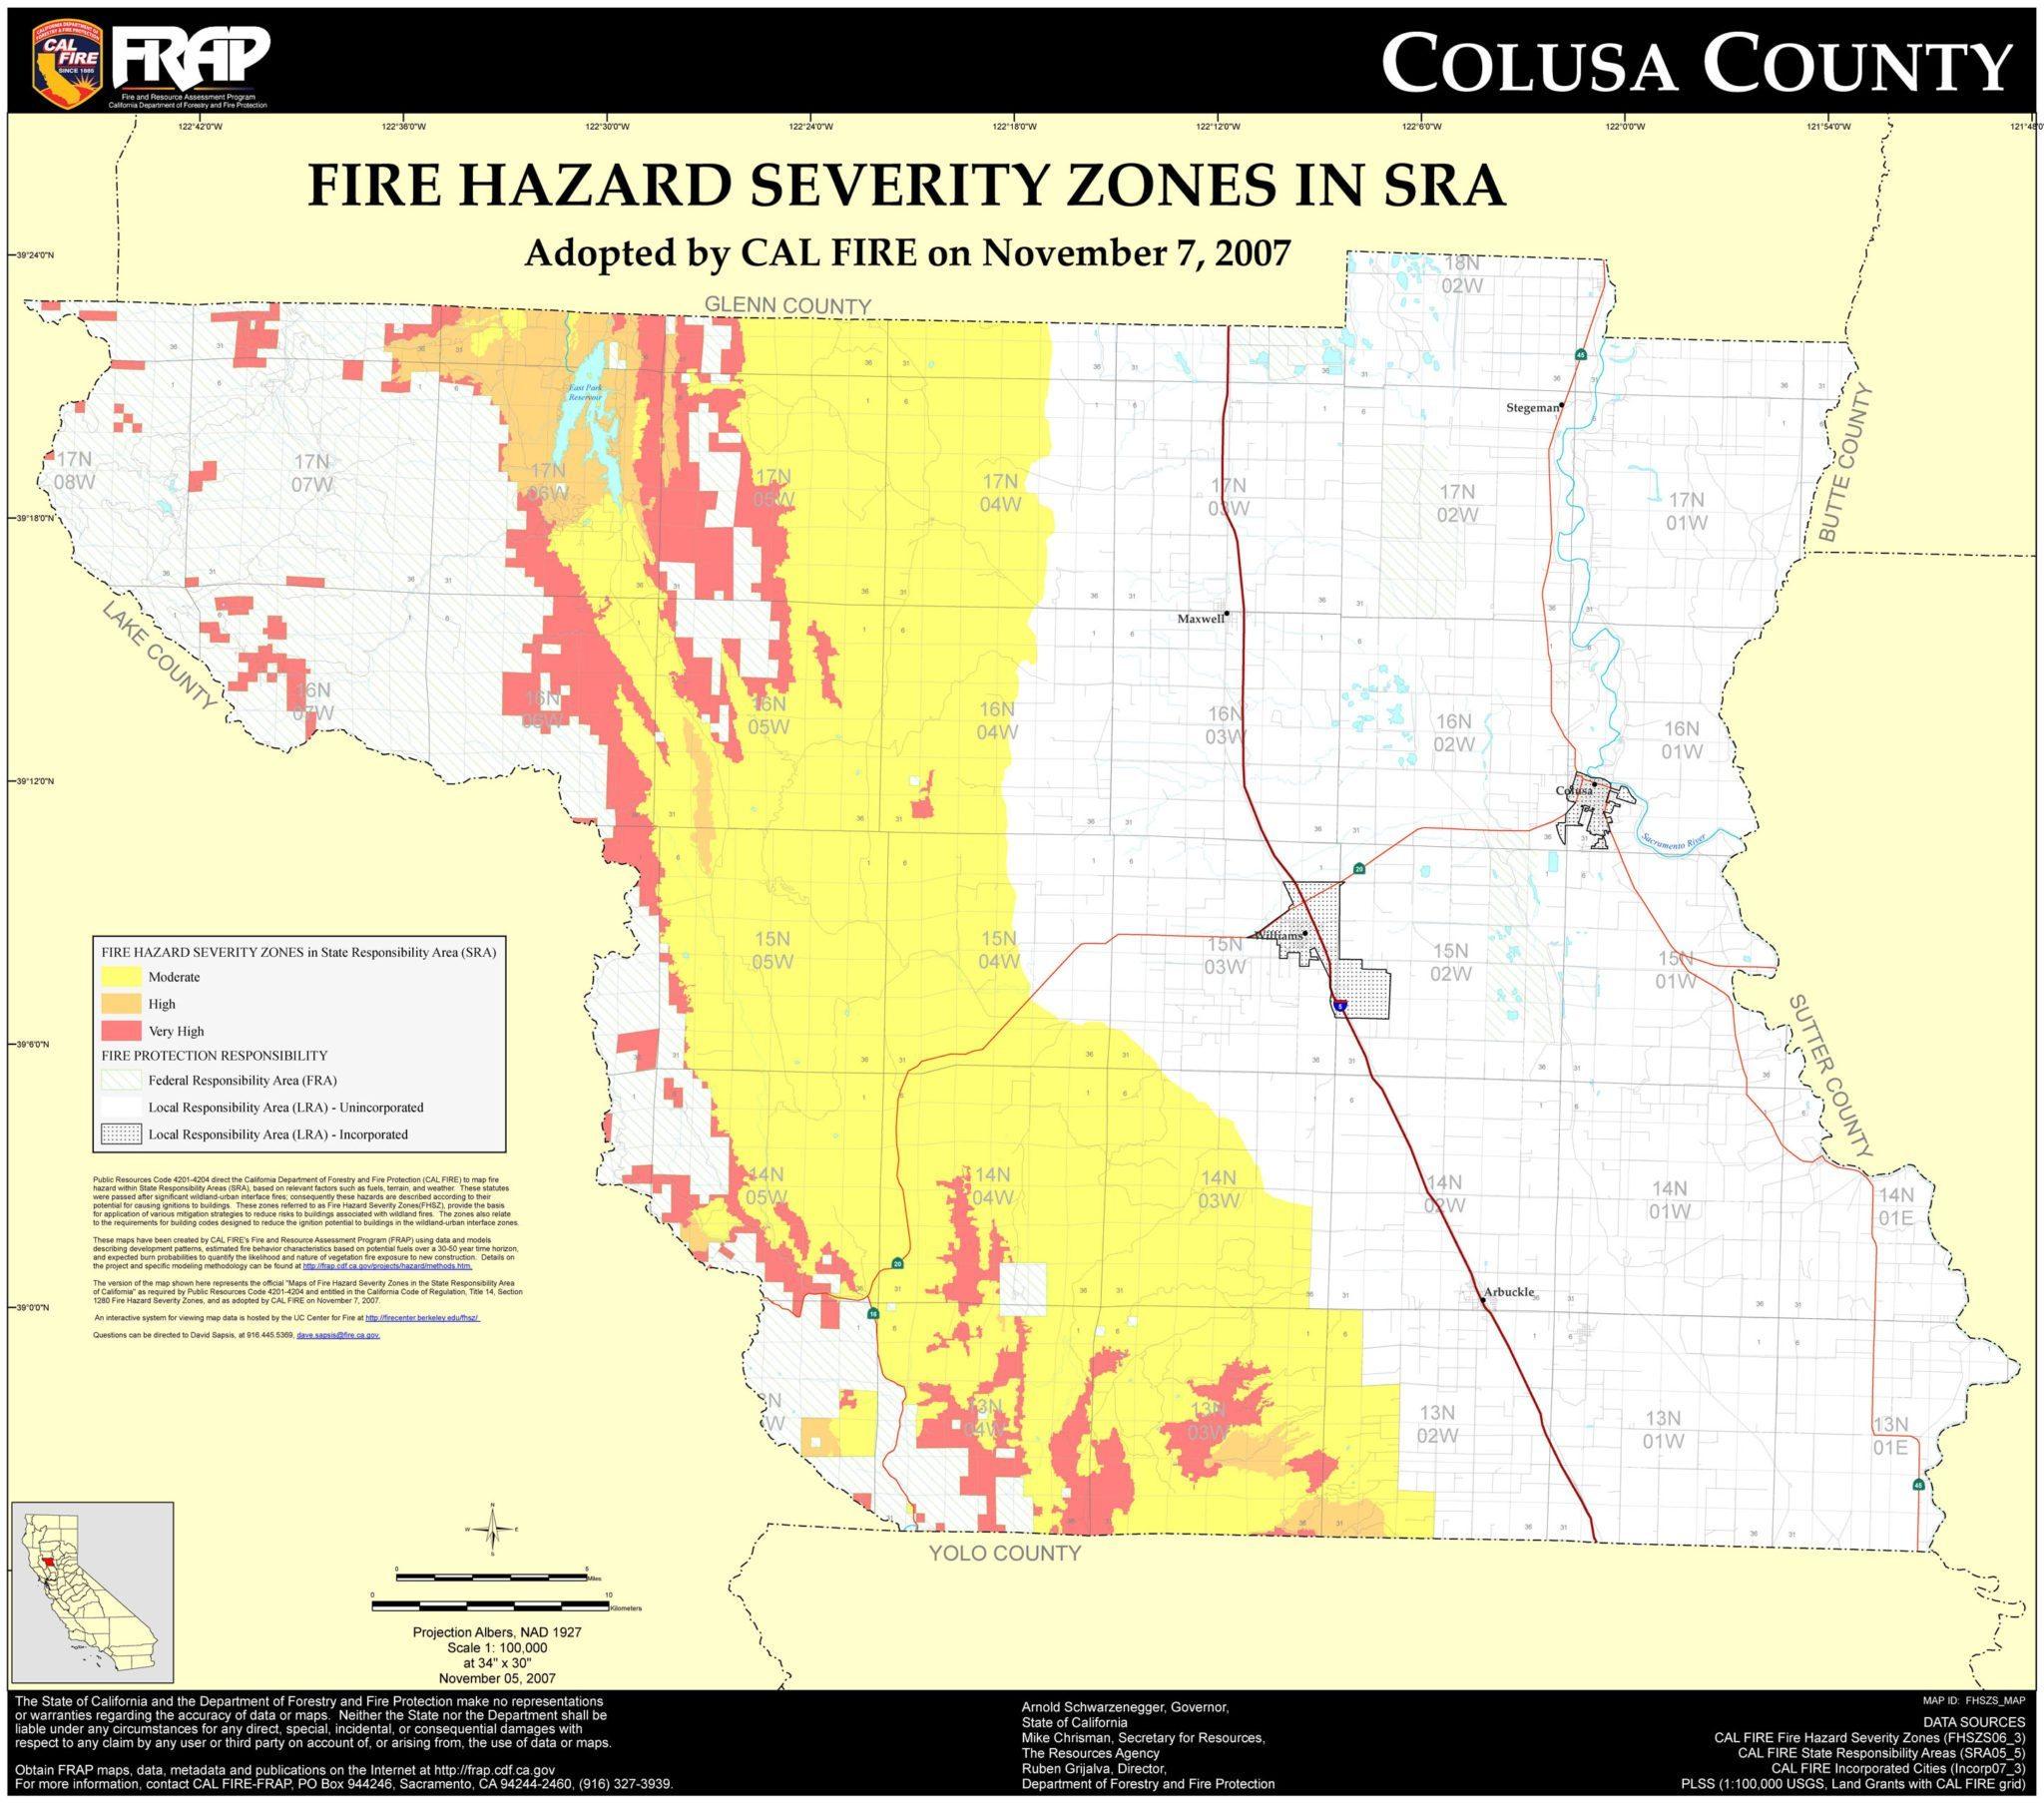 Colusa County, California